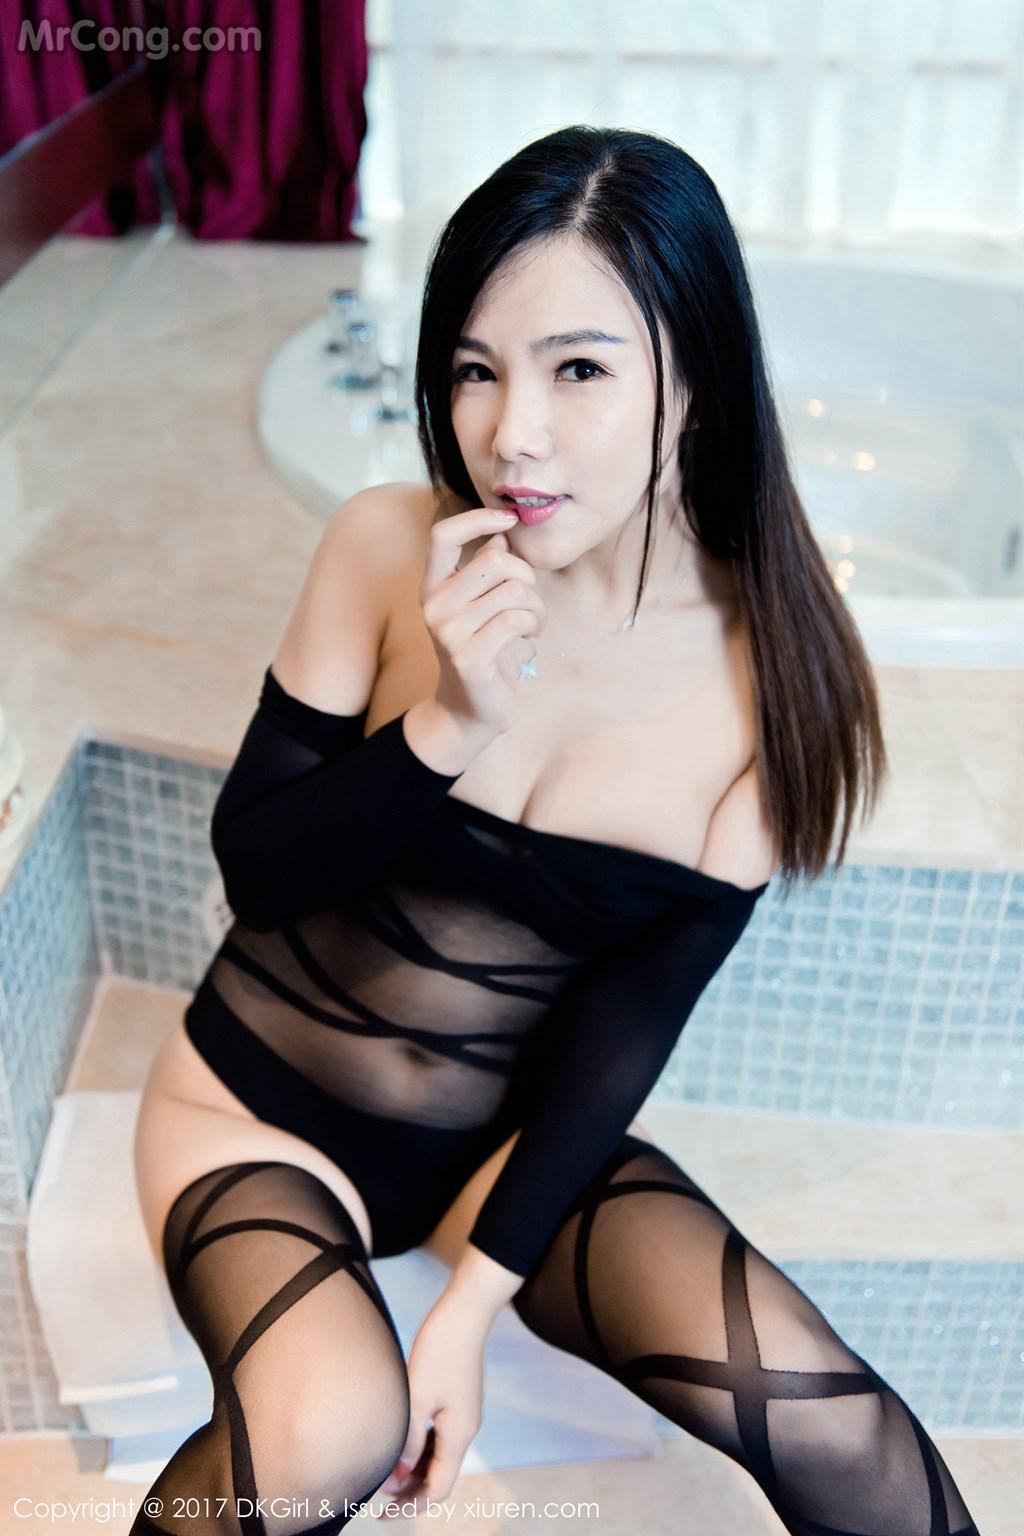 Người mẫu Ding Xiaonan với album ảnh sexy và quyến rũ 18